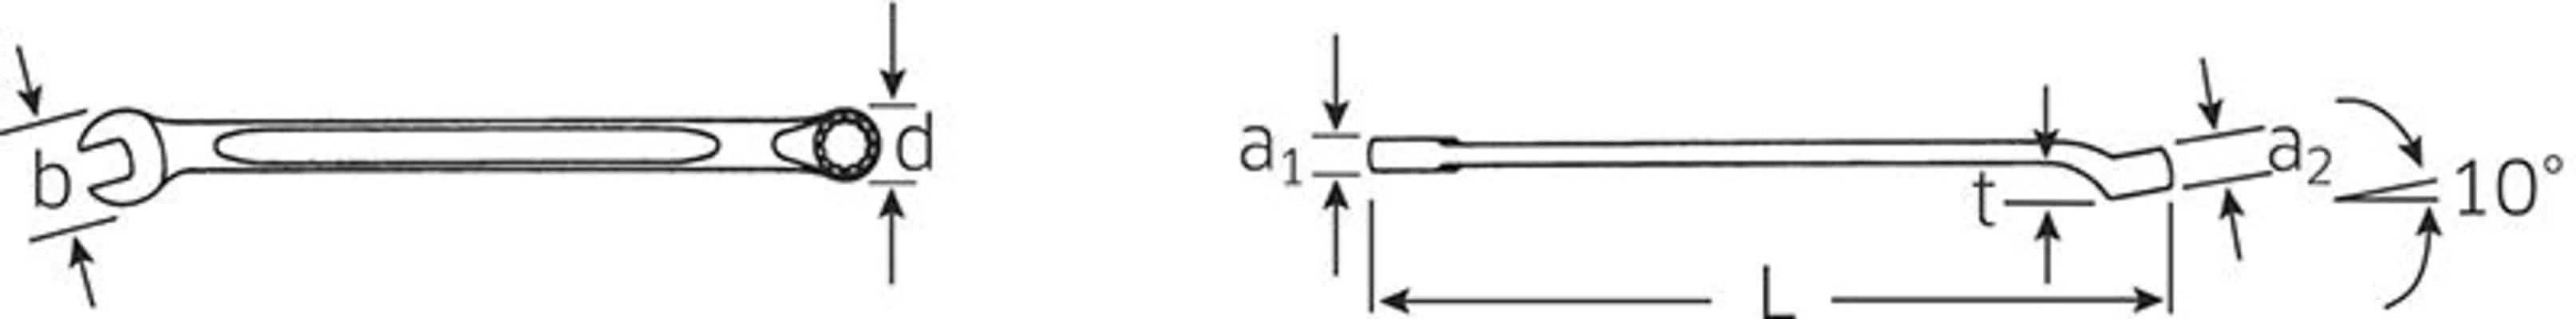 Kiintosilmukka-avain, Stahlwille - Kiintosilmukka-avain 6 mm